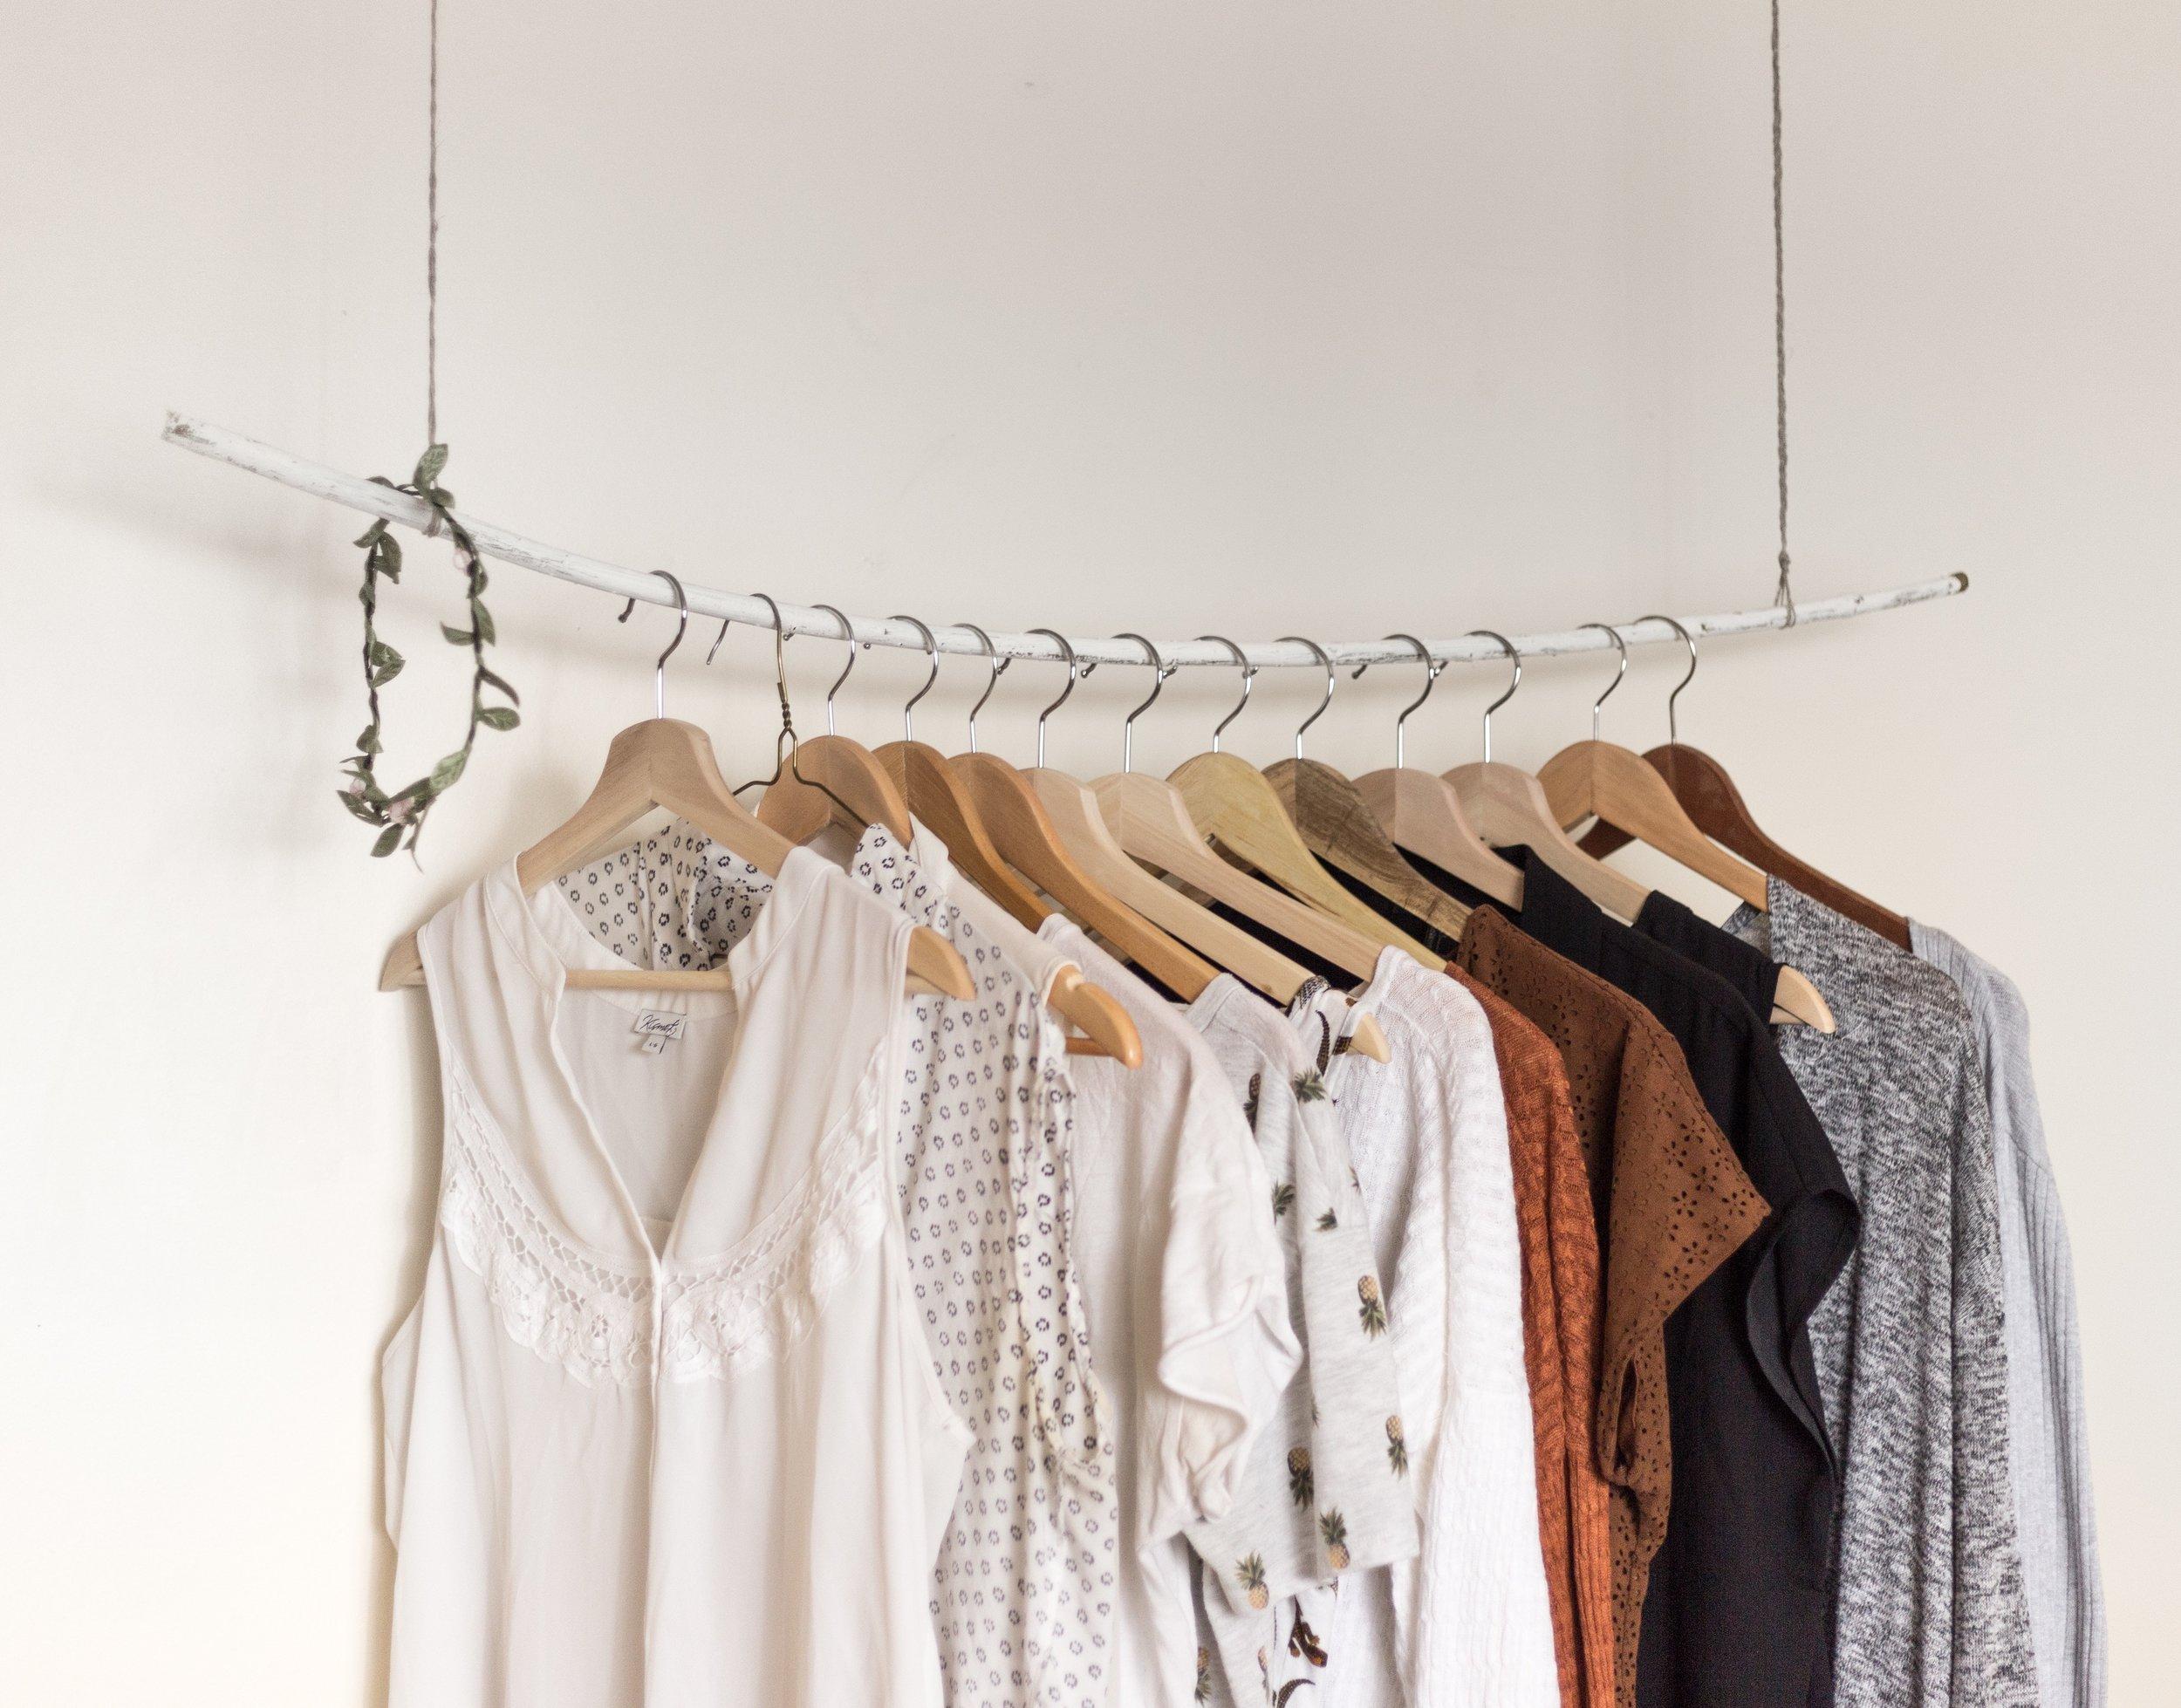 006 clothes priscilla-du-preez-228220-unsplash as is.jpg